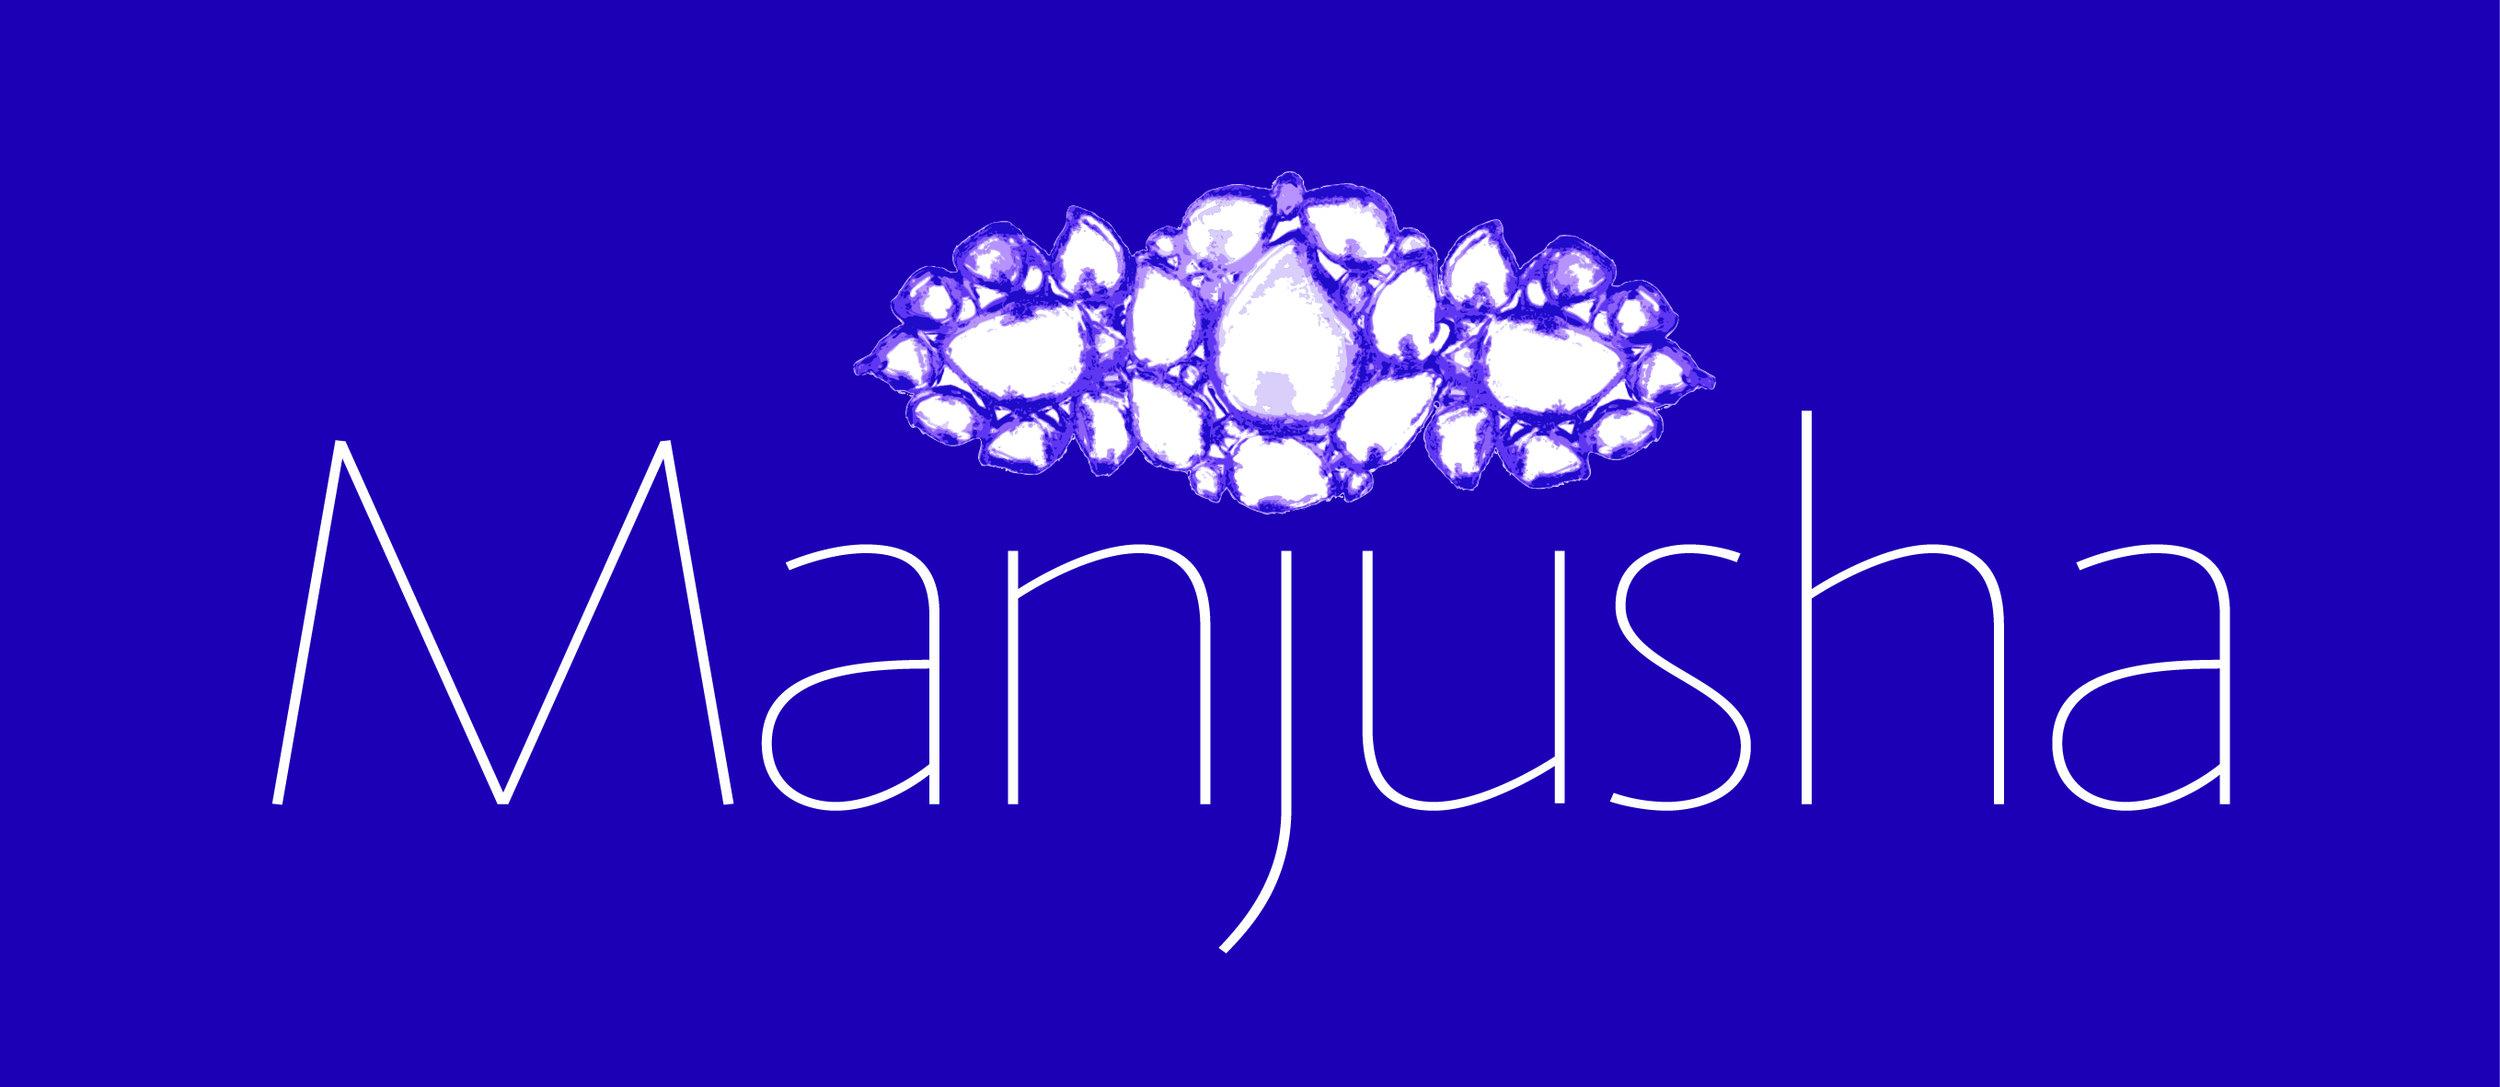 Sanjiv Chawla - Manjusha purple  bg large.jpg